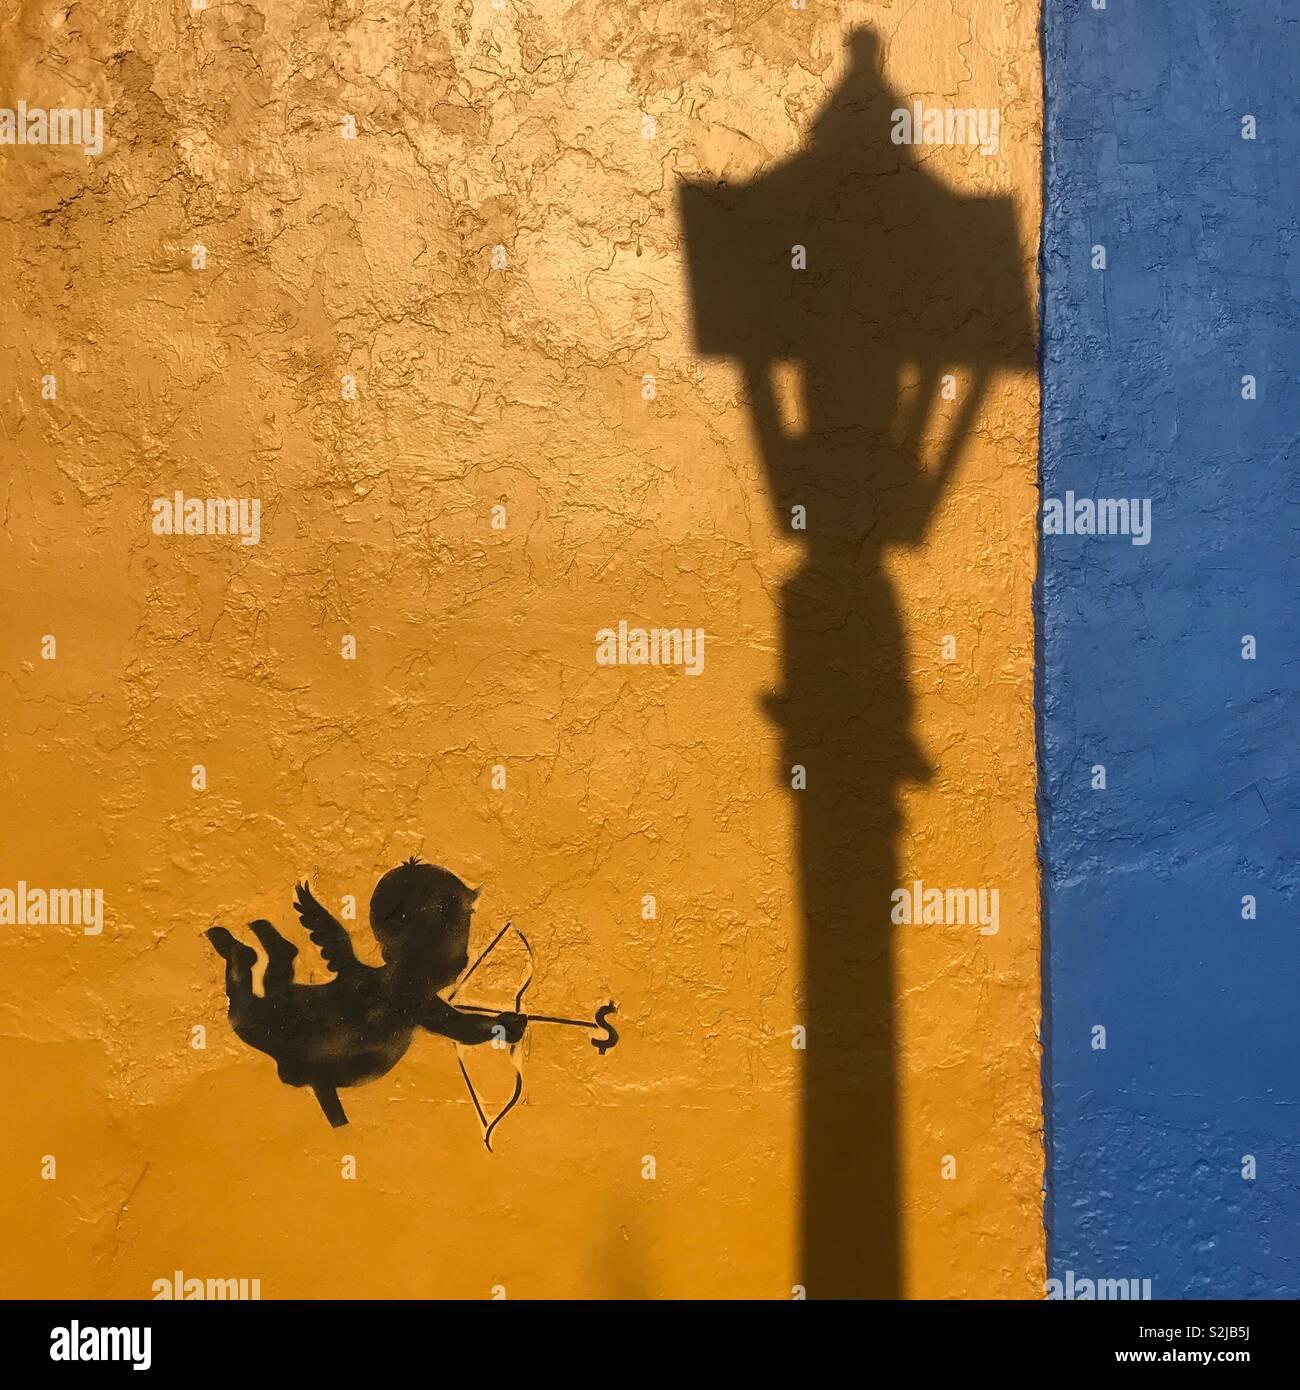 Una lámpara de la calle sombra se proyecta sobre una pared cerca de una pegatina naranja de un cupido apuntando con su flecha a un signo de dinero ($) en Oaxaca, México Imagen De Stock